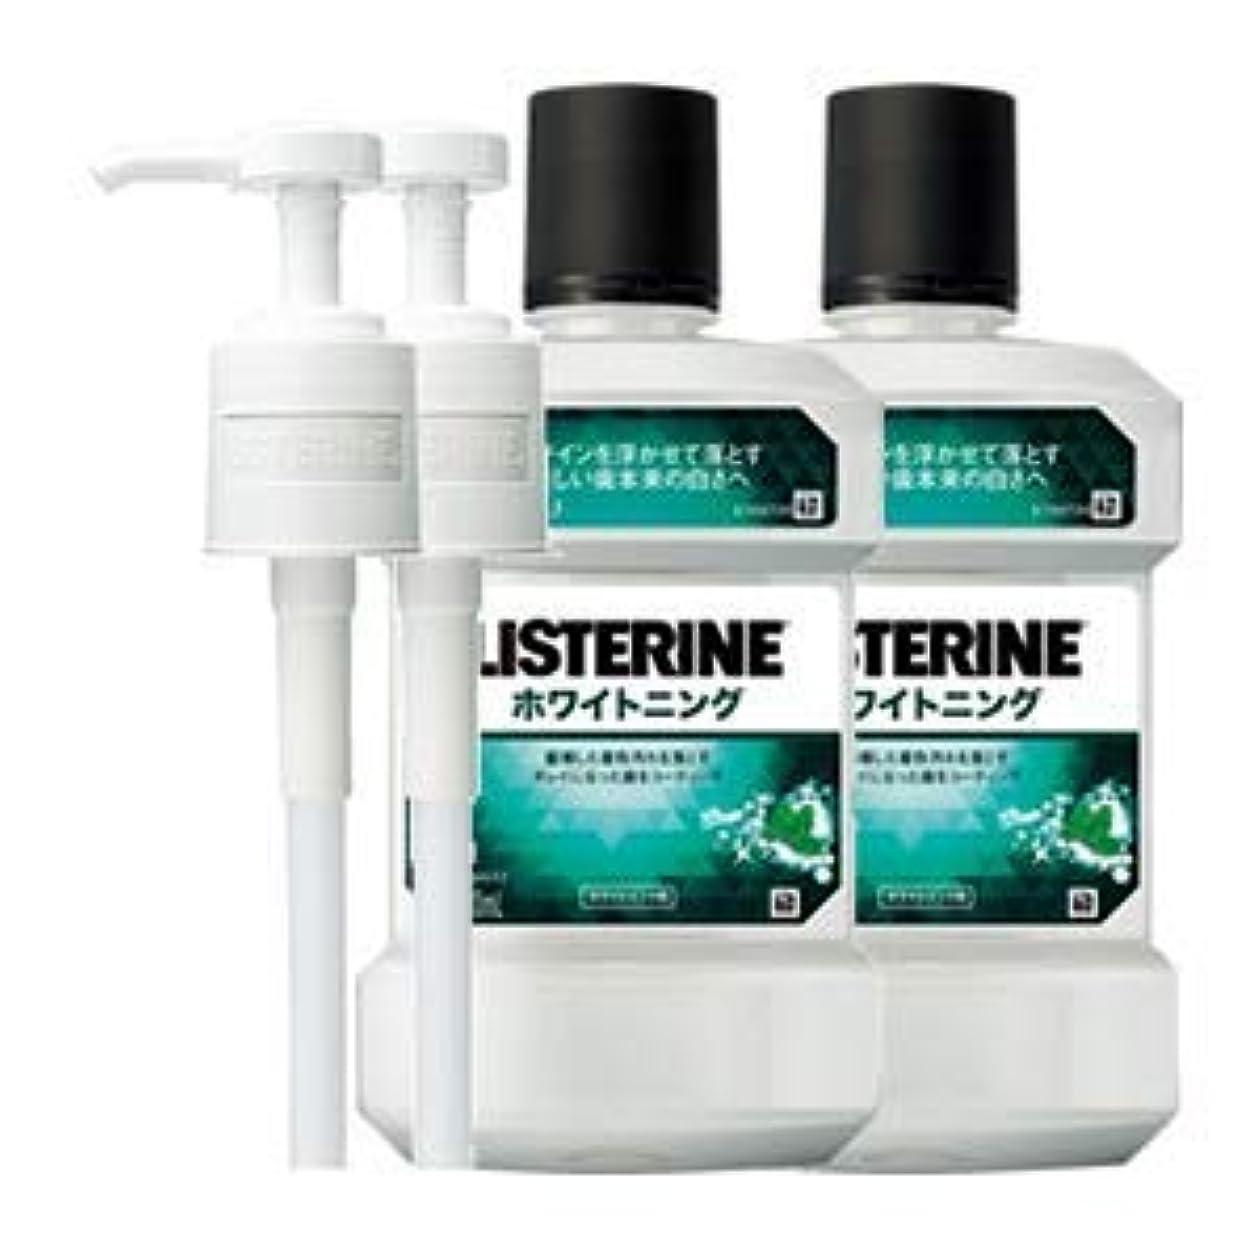 トーストしなやかな舗装薬用 リステリン ホワイトニング (液体歯磨) 1000mL 2点セット (ポンプ付)